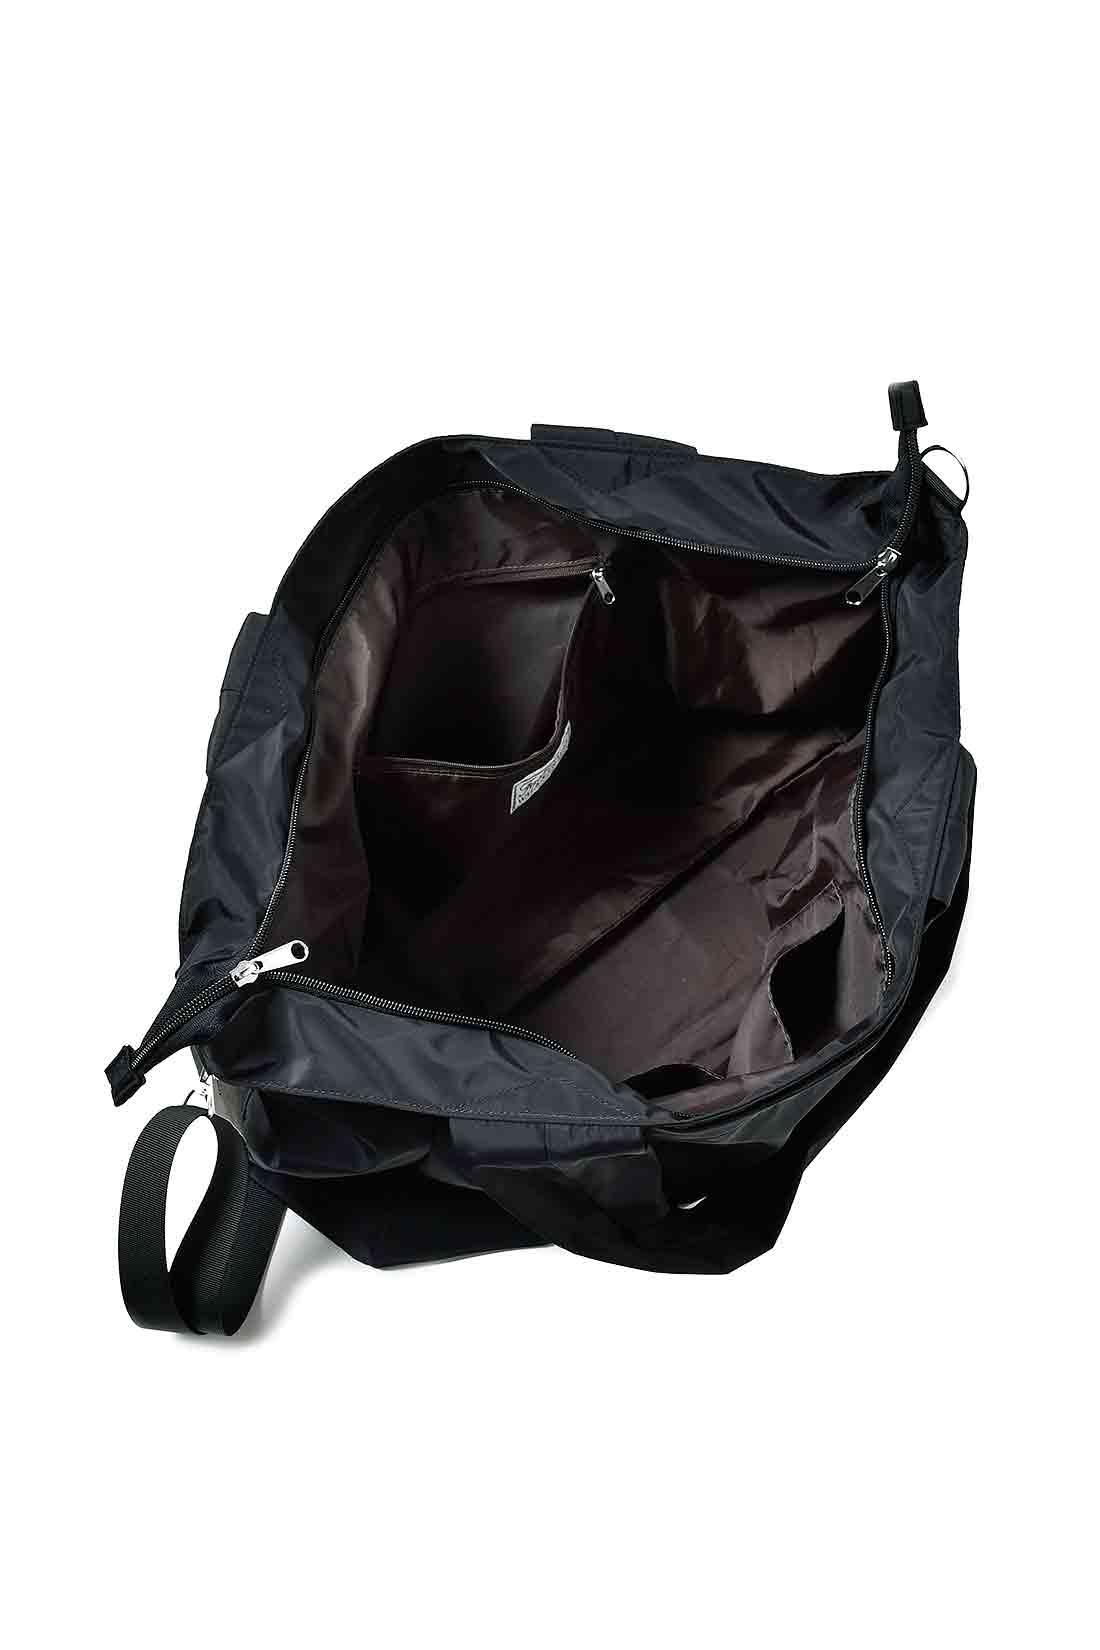 ファスナーポケットと便利な小分けポケットを装備。ざっくり入れて出し入れしやすく、まち幅もたっぷり。